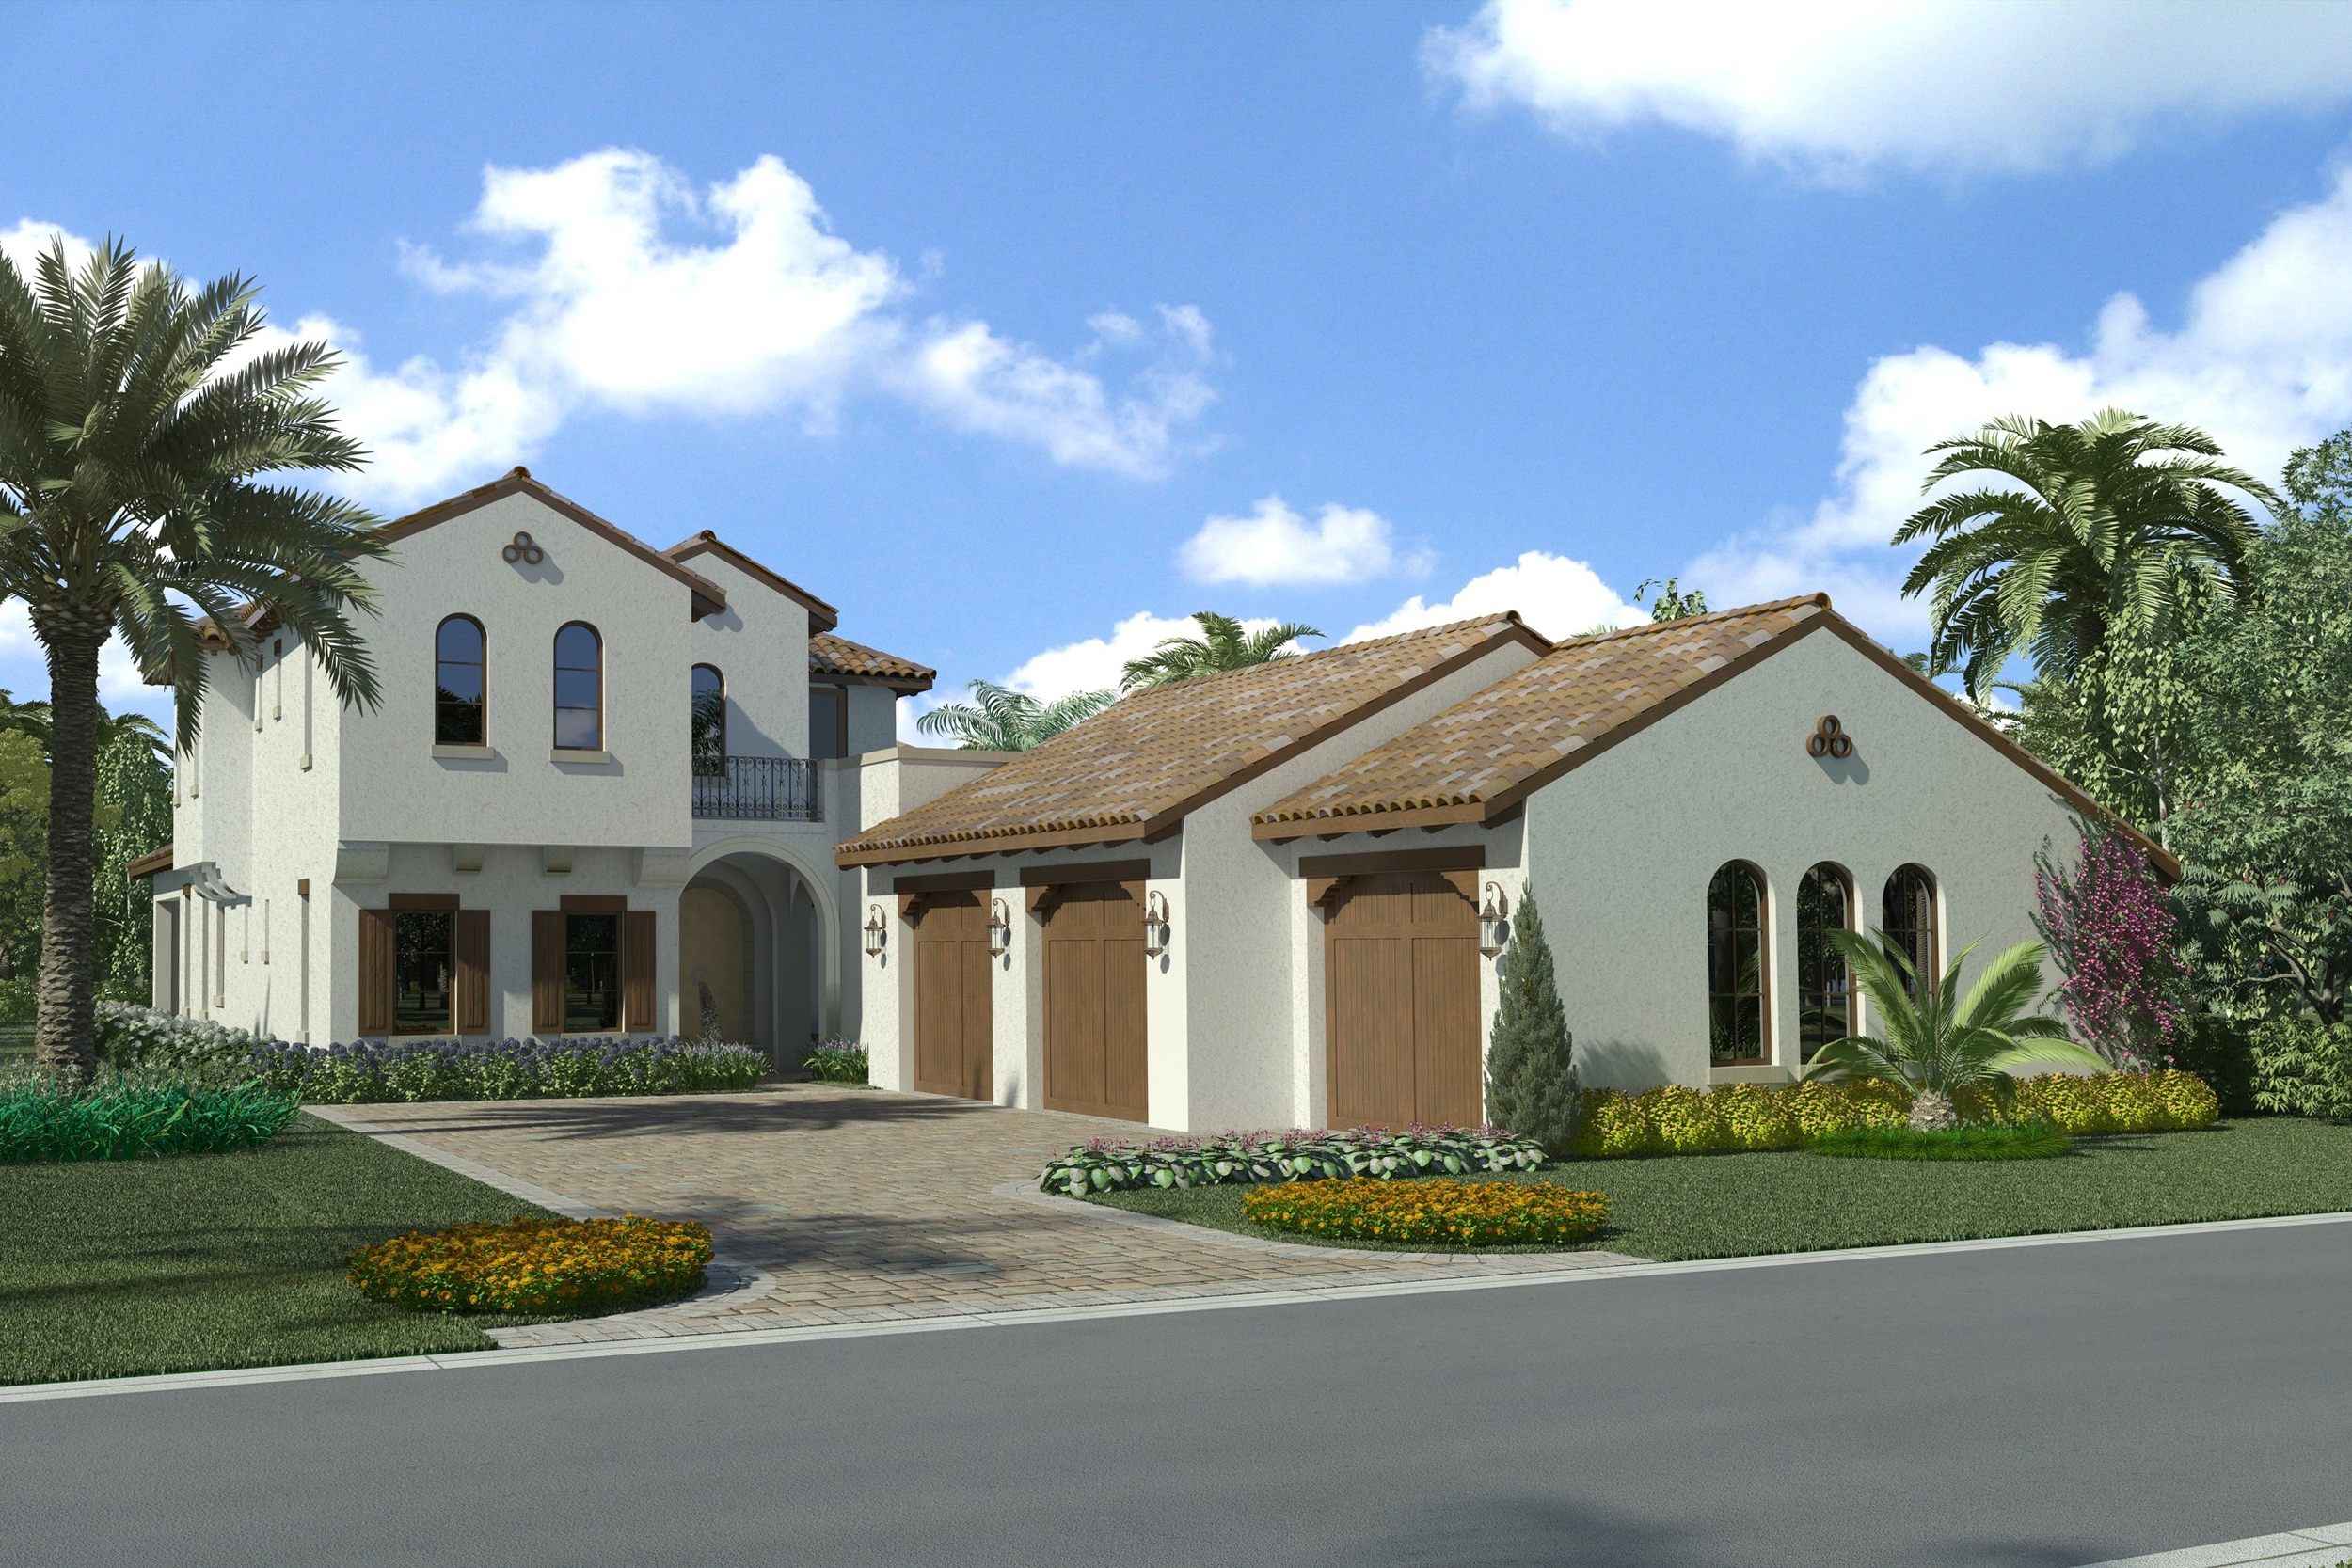 Private+Residence-model+ext1 edited.jpg